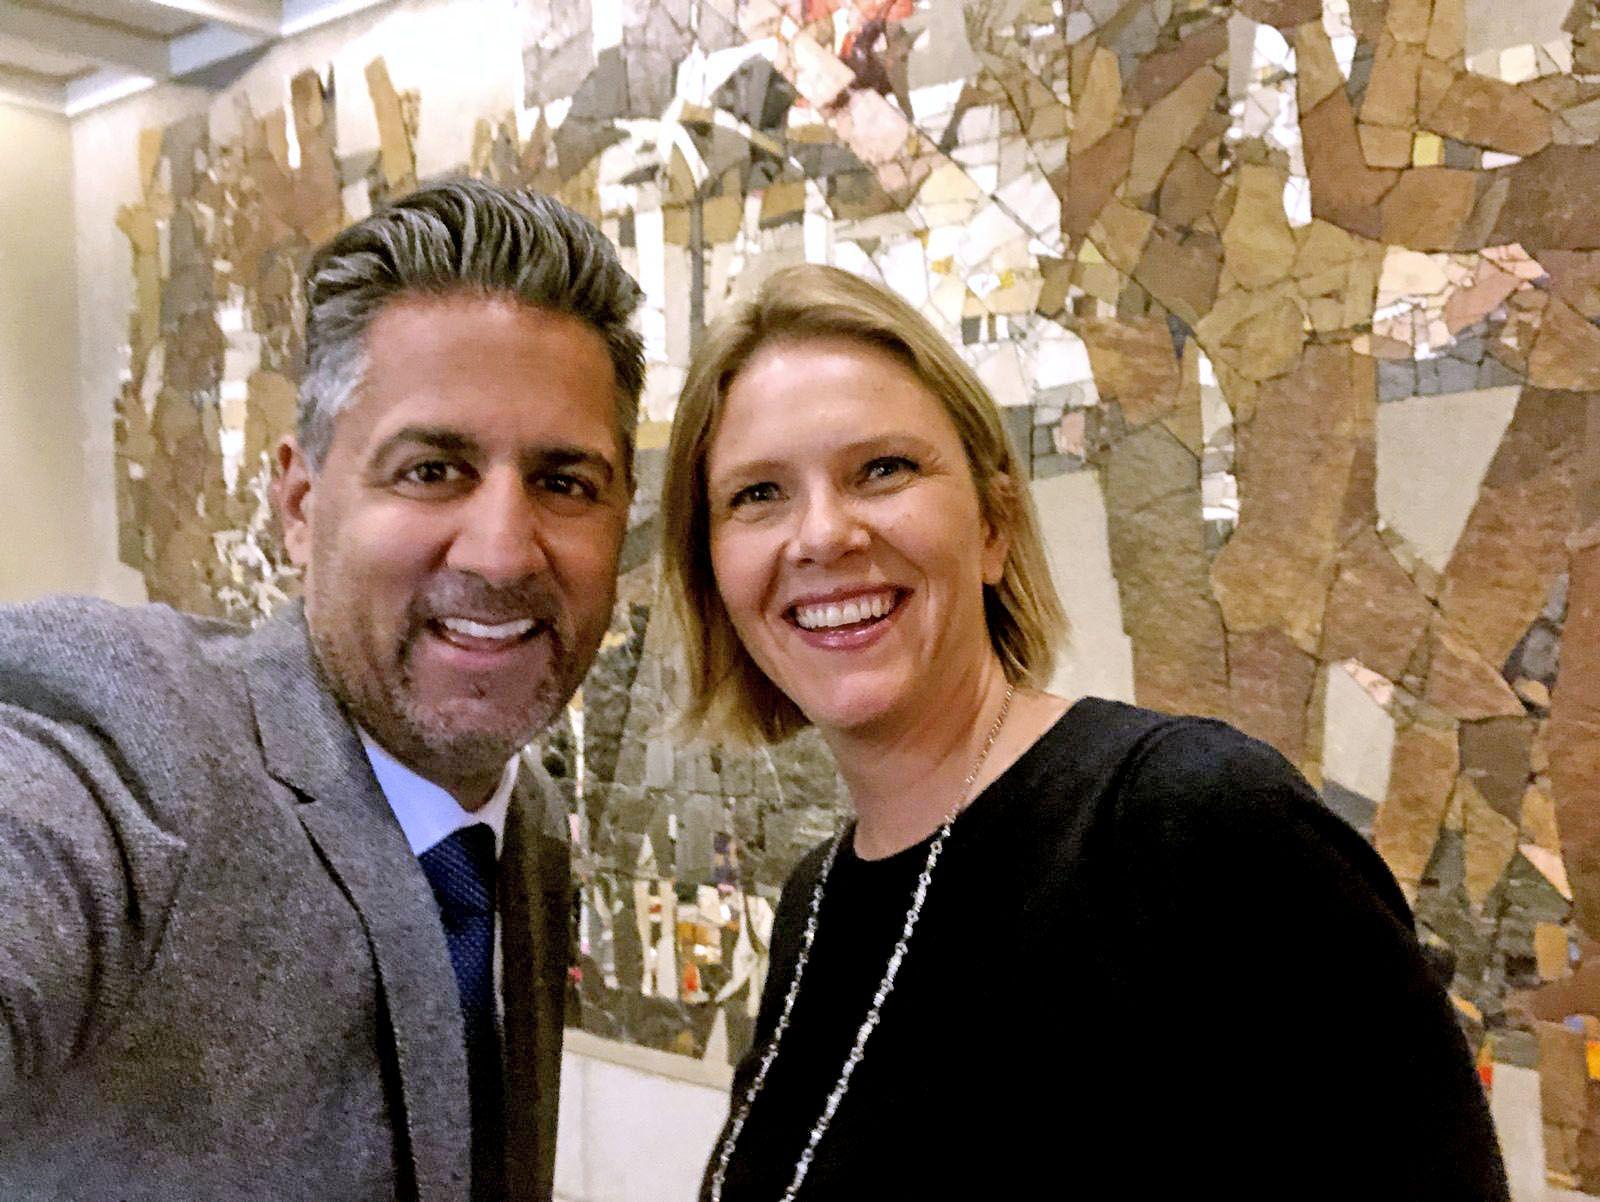 SAMMEN FOR Å REDDE KVINNE: Abid Raja og Sylvi Listhaug går sammen for å redde en pakistansk kvinne til Norge.